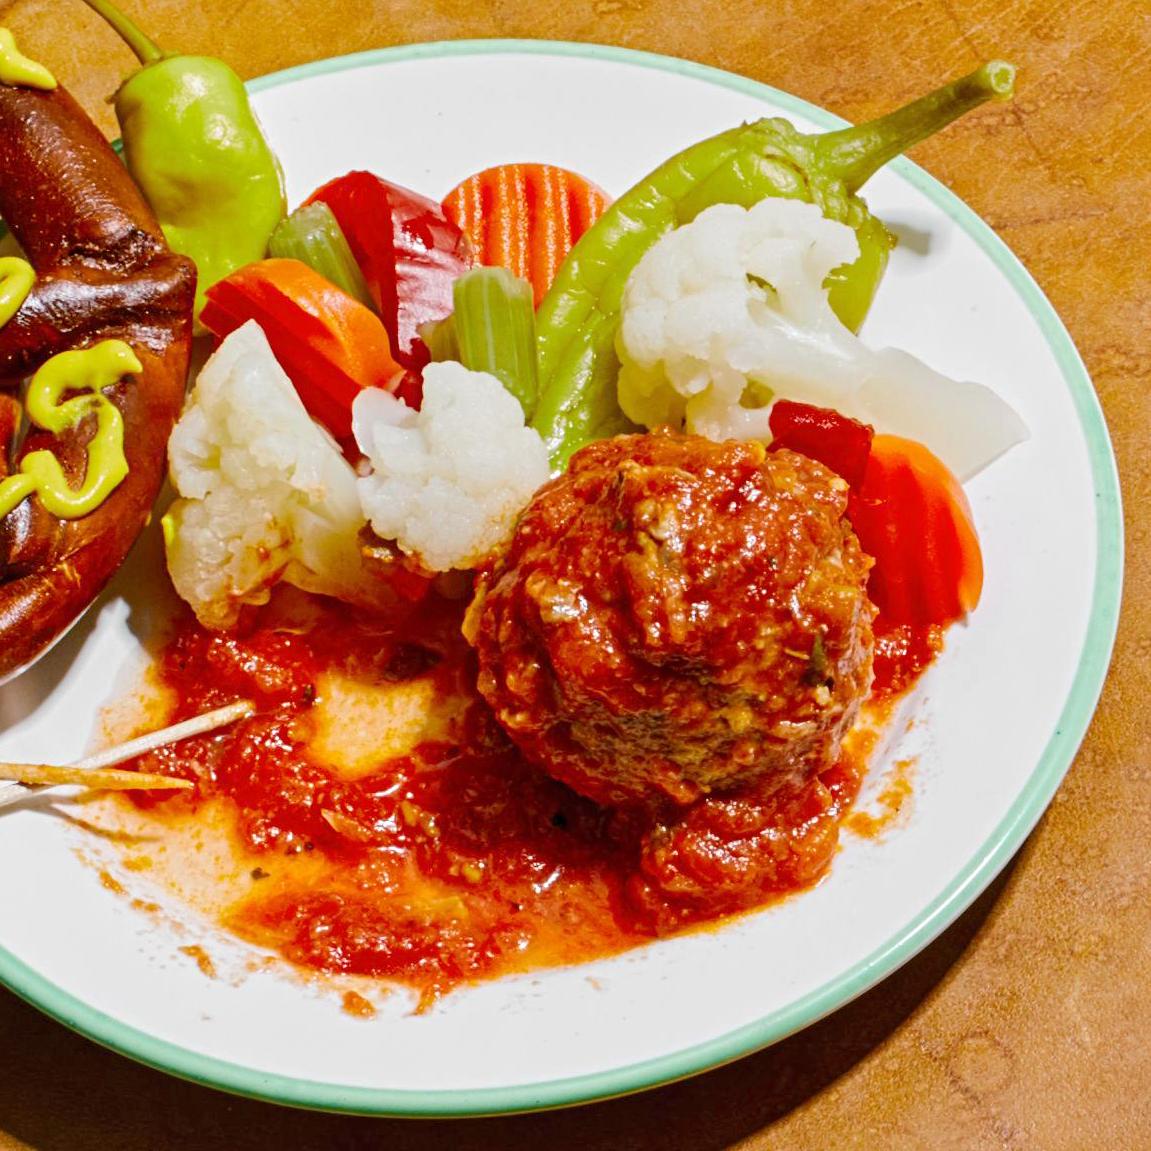 Beef Meatballs with Marinara